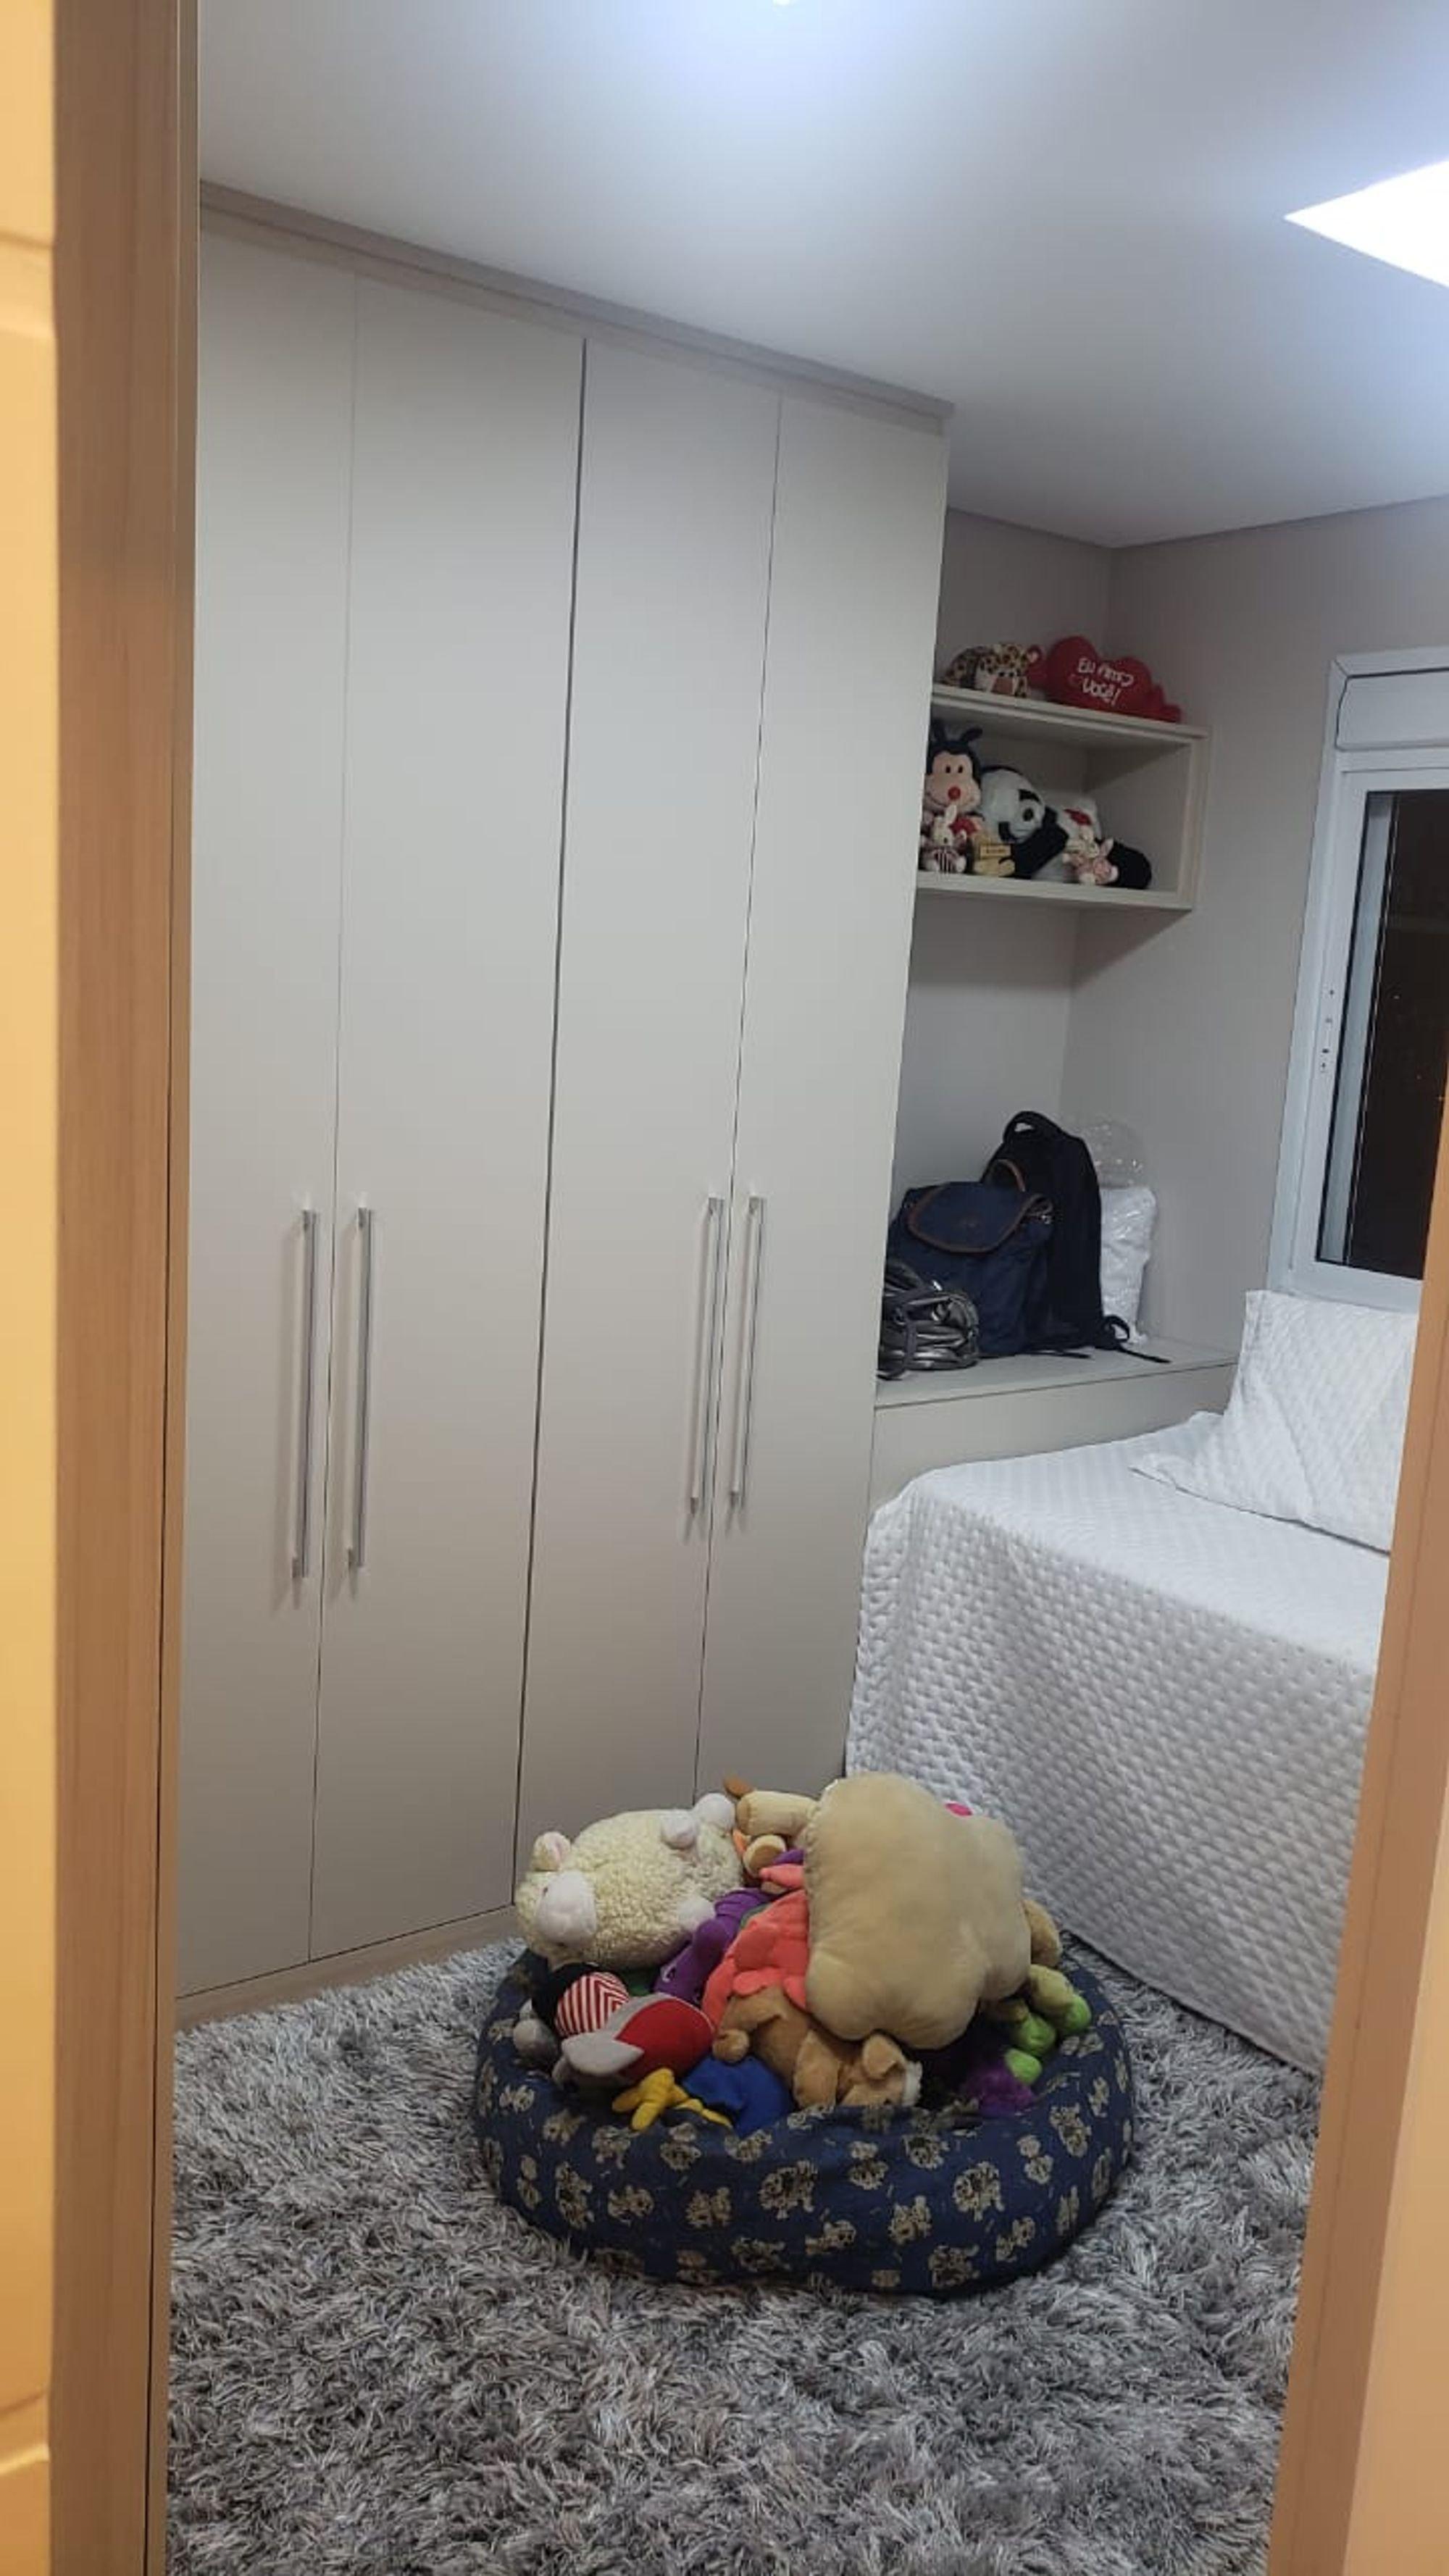 Foto de Quarto com cama, urso teddy